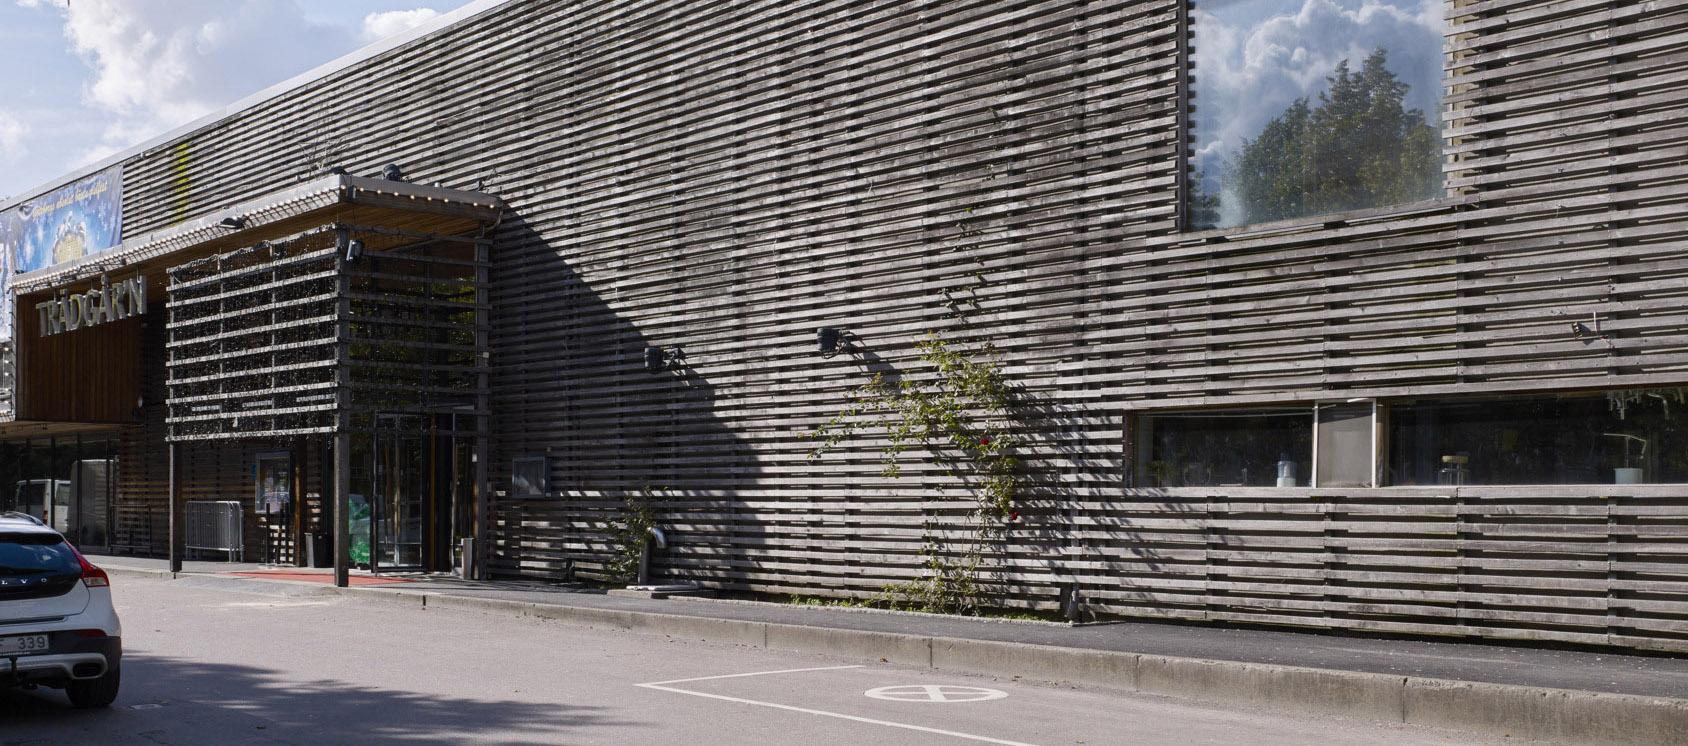 Framsidan av träbyggnaden Trädgår'n.